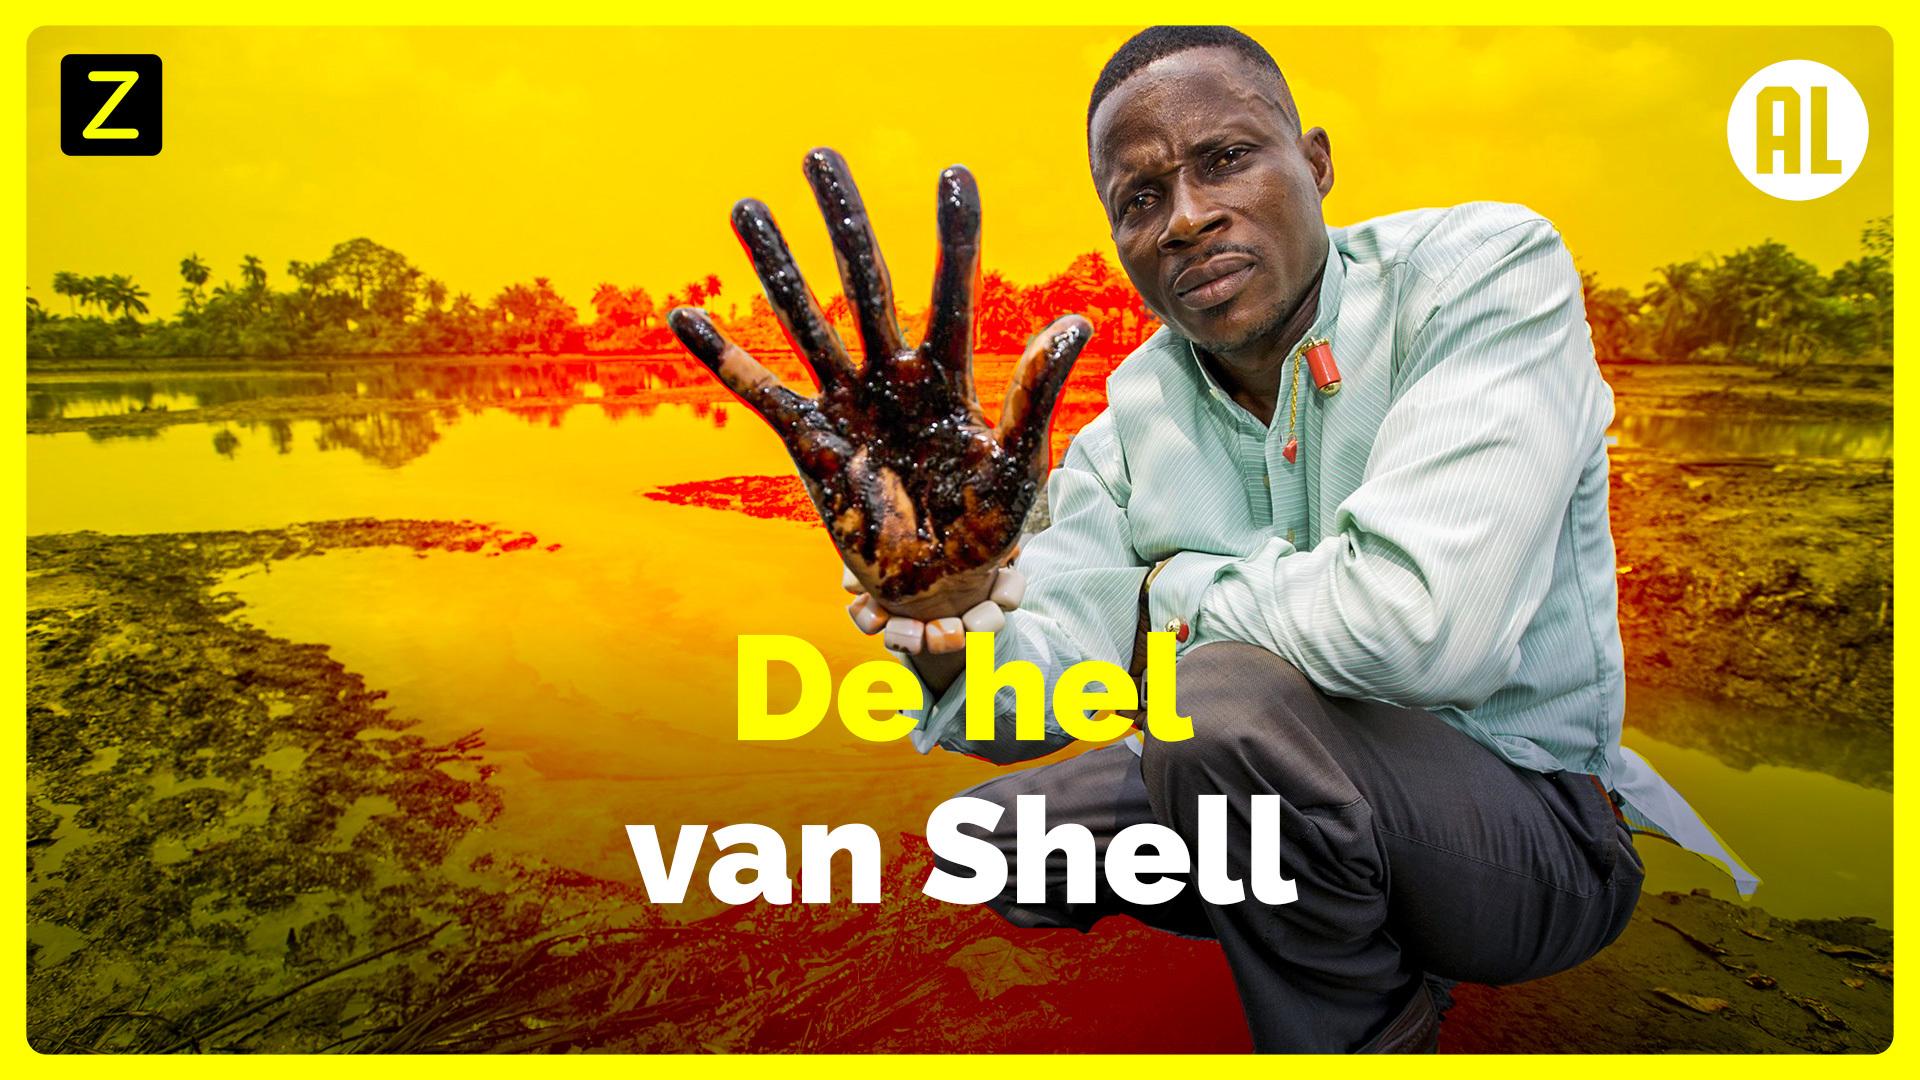 Afbeelding van Zembla - De hel van Shell